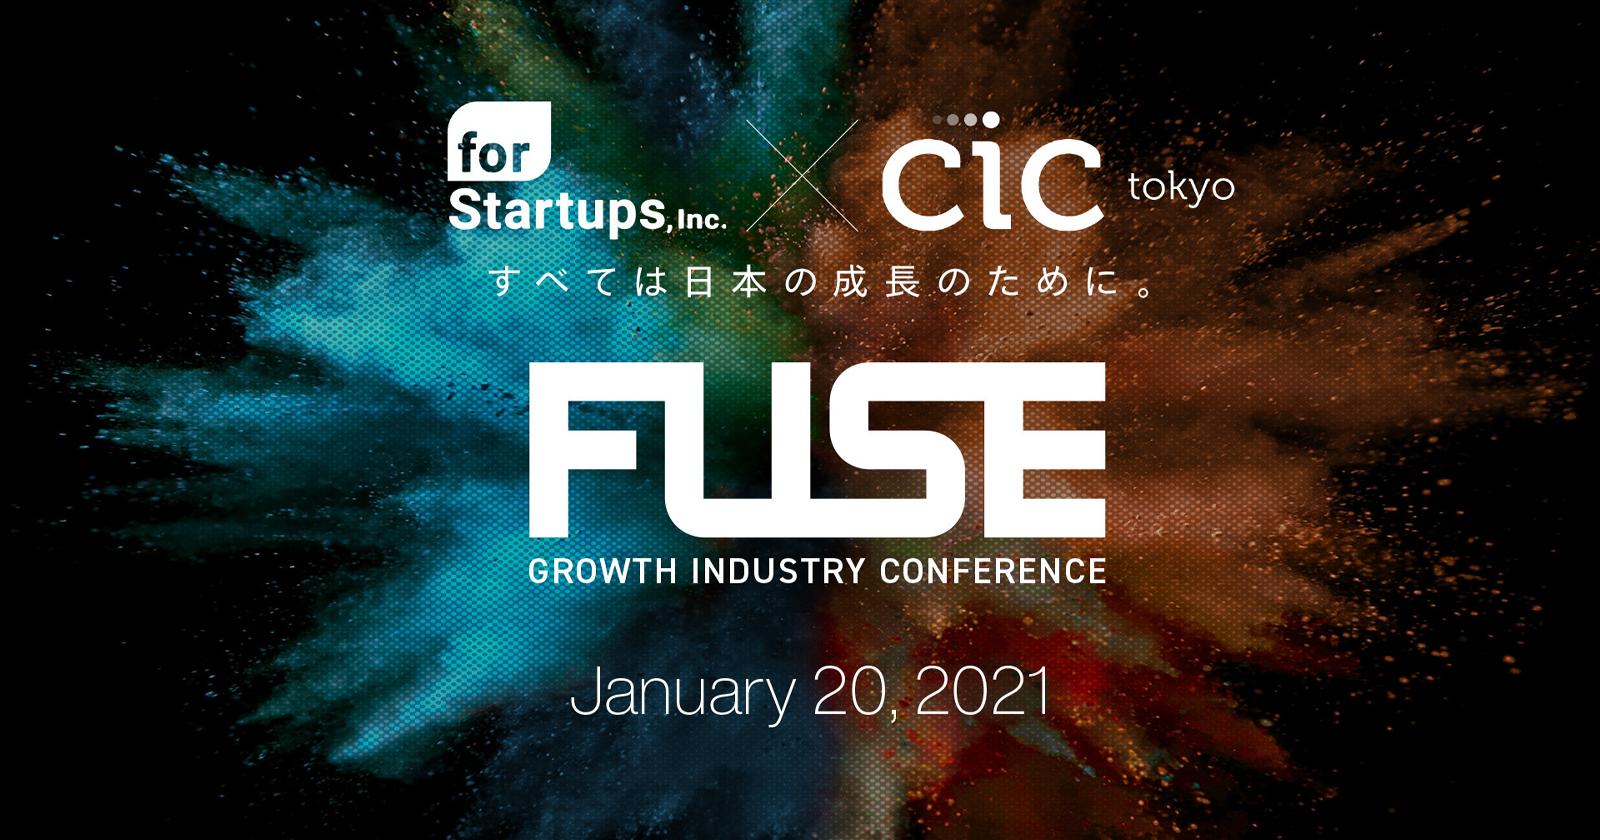 """すべては日本の成長のために。 フォースタートアップス、CIC Tokyoと初共催""""成長産業カンファレンス『FUSE』""""開催へ"""